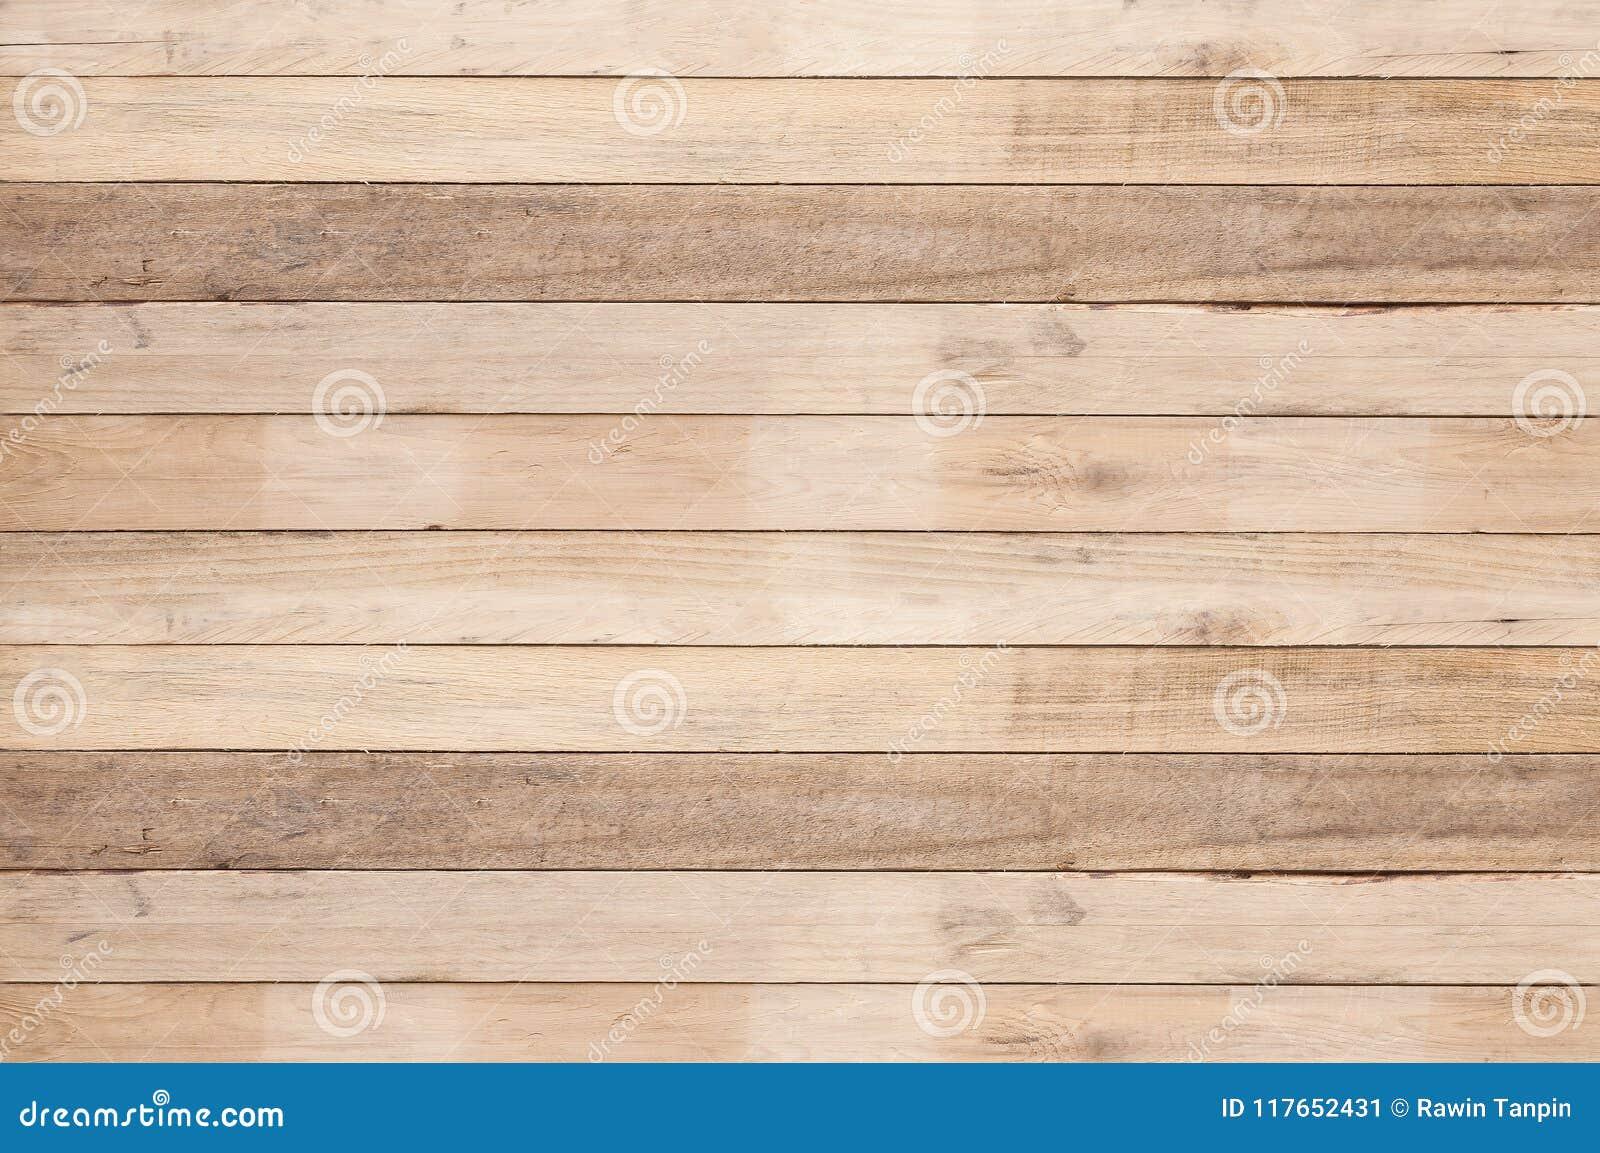 старая деревянная предпосылка стены планки, старая деревянная неровная предпосылка картины текстуры